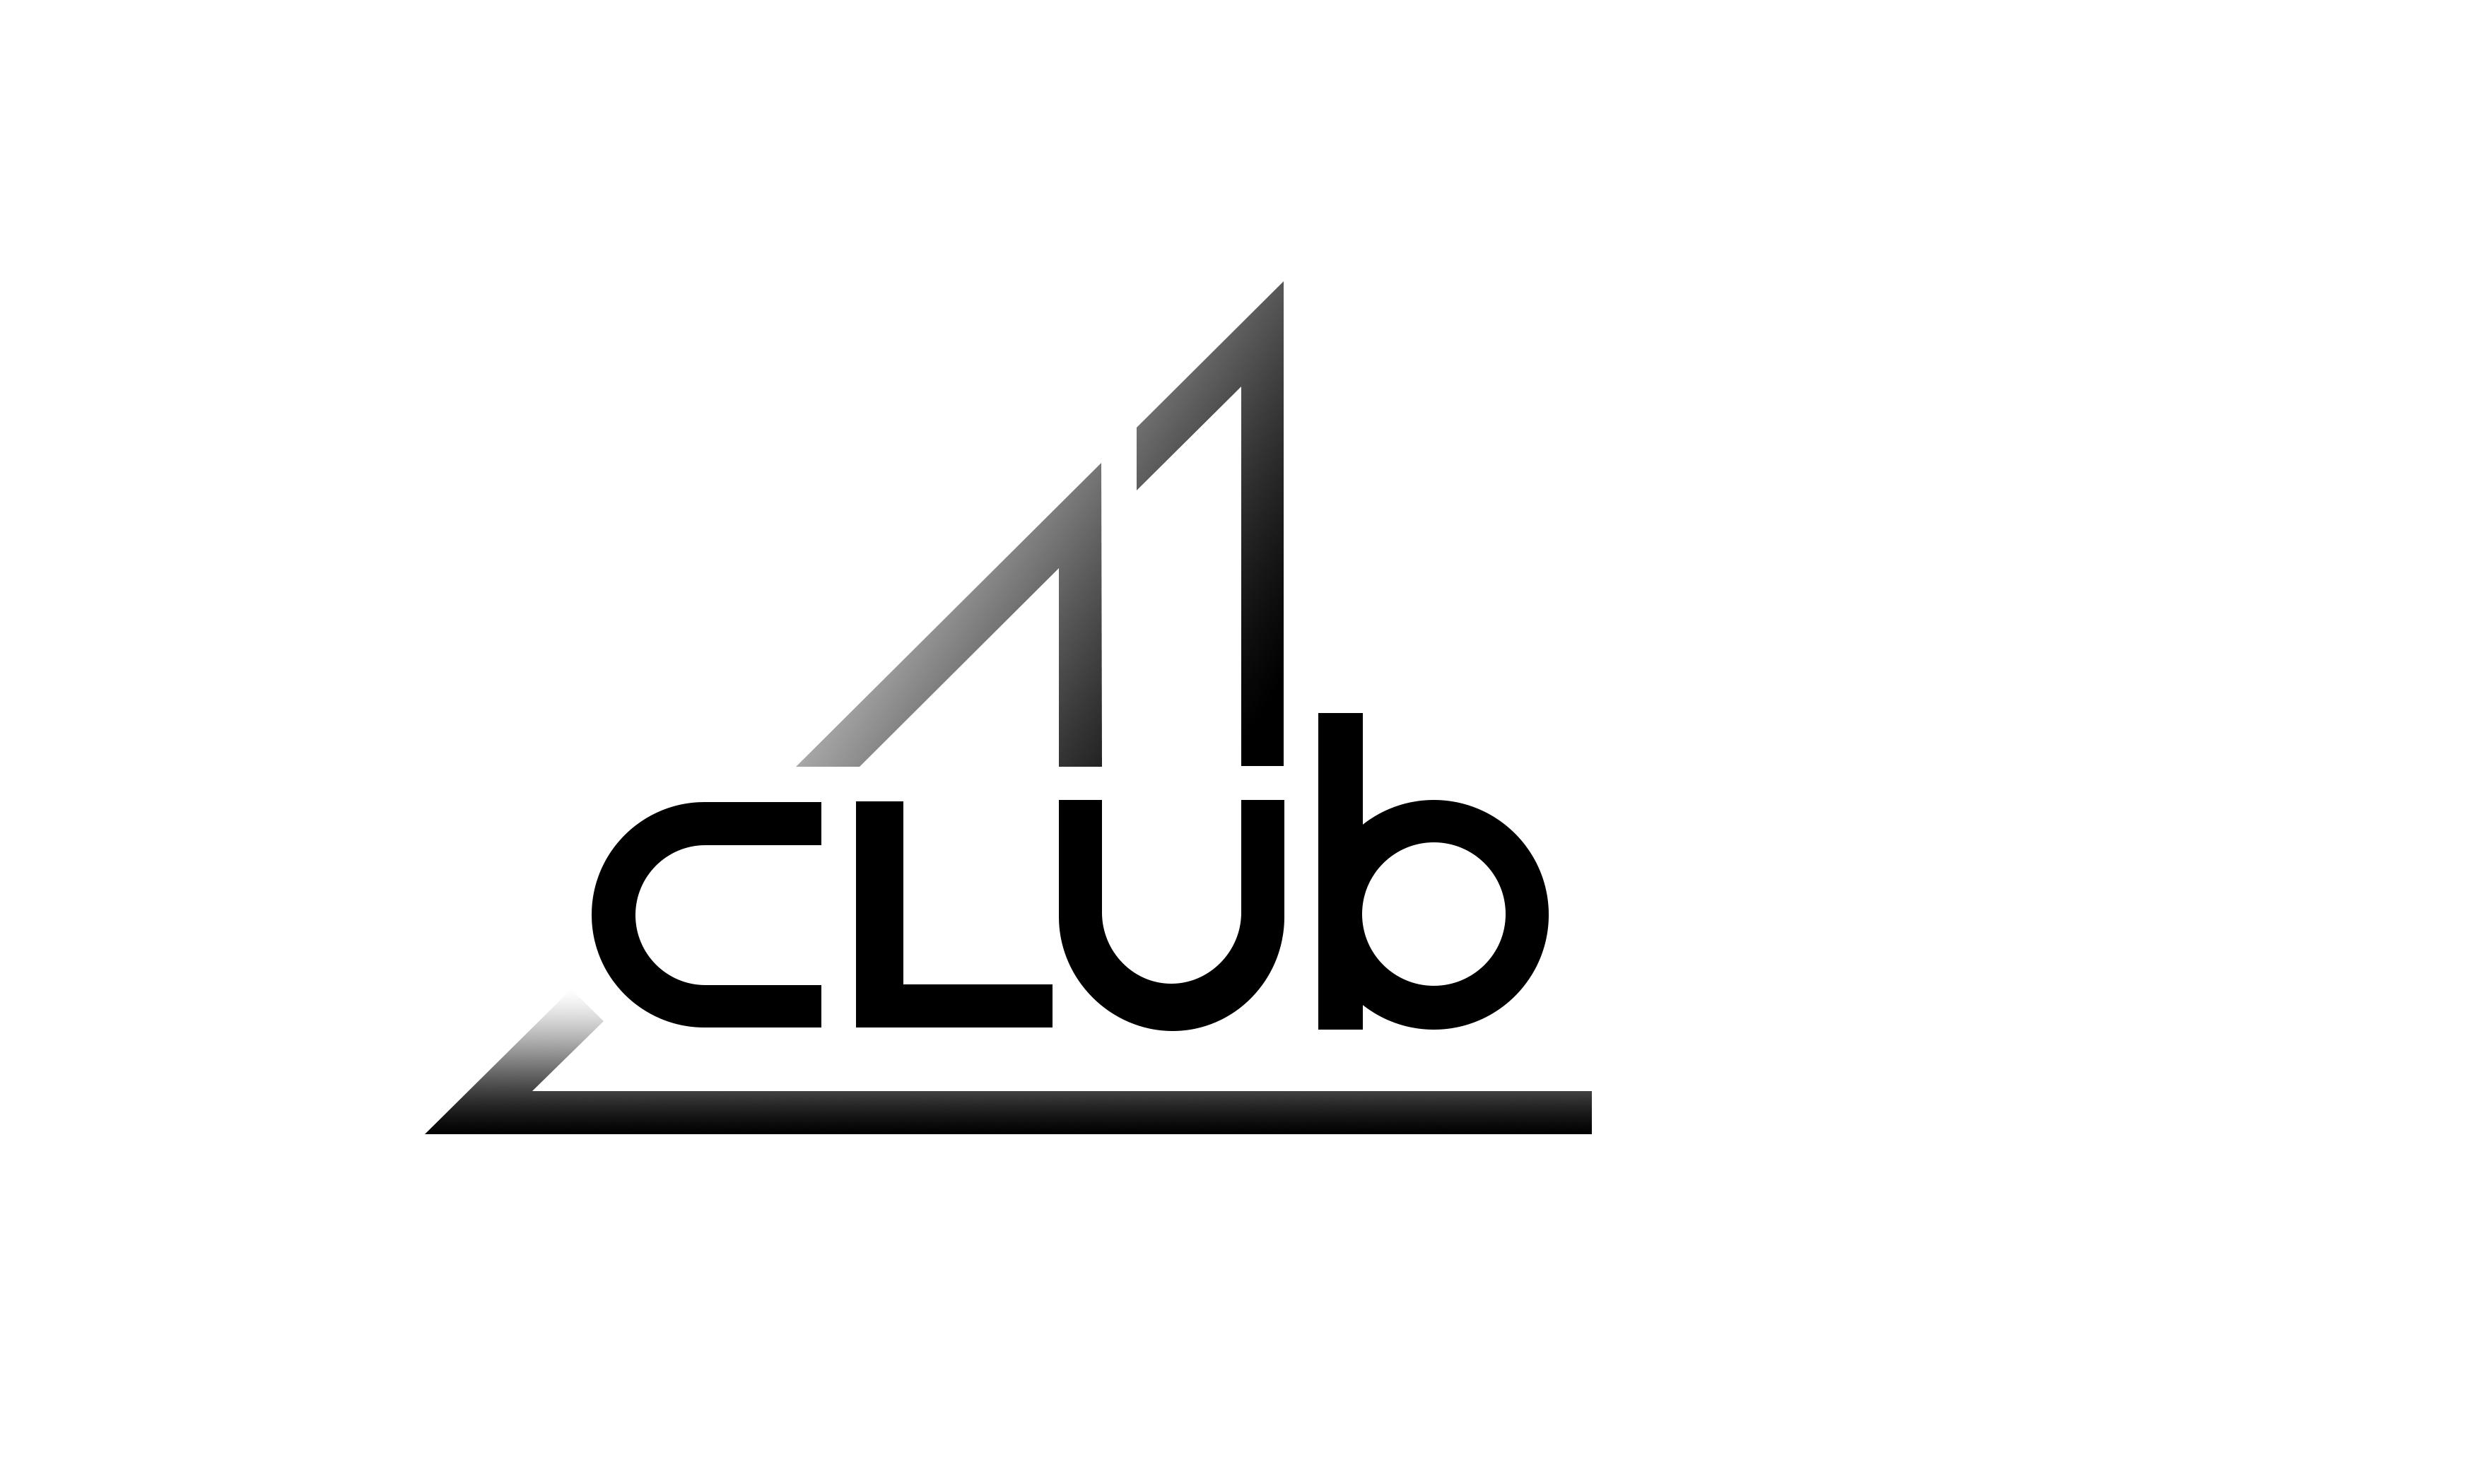 Логотип делового клуба фото f_4265f88262c339c6.jpg